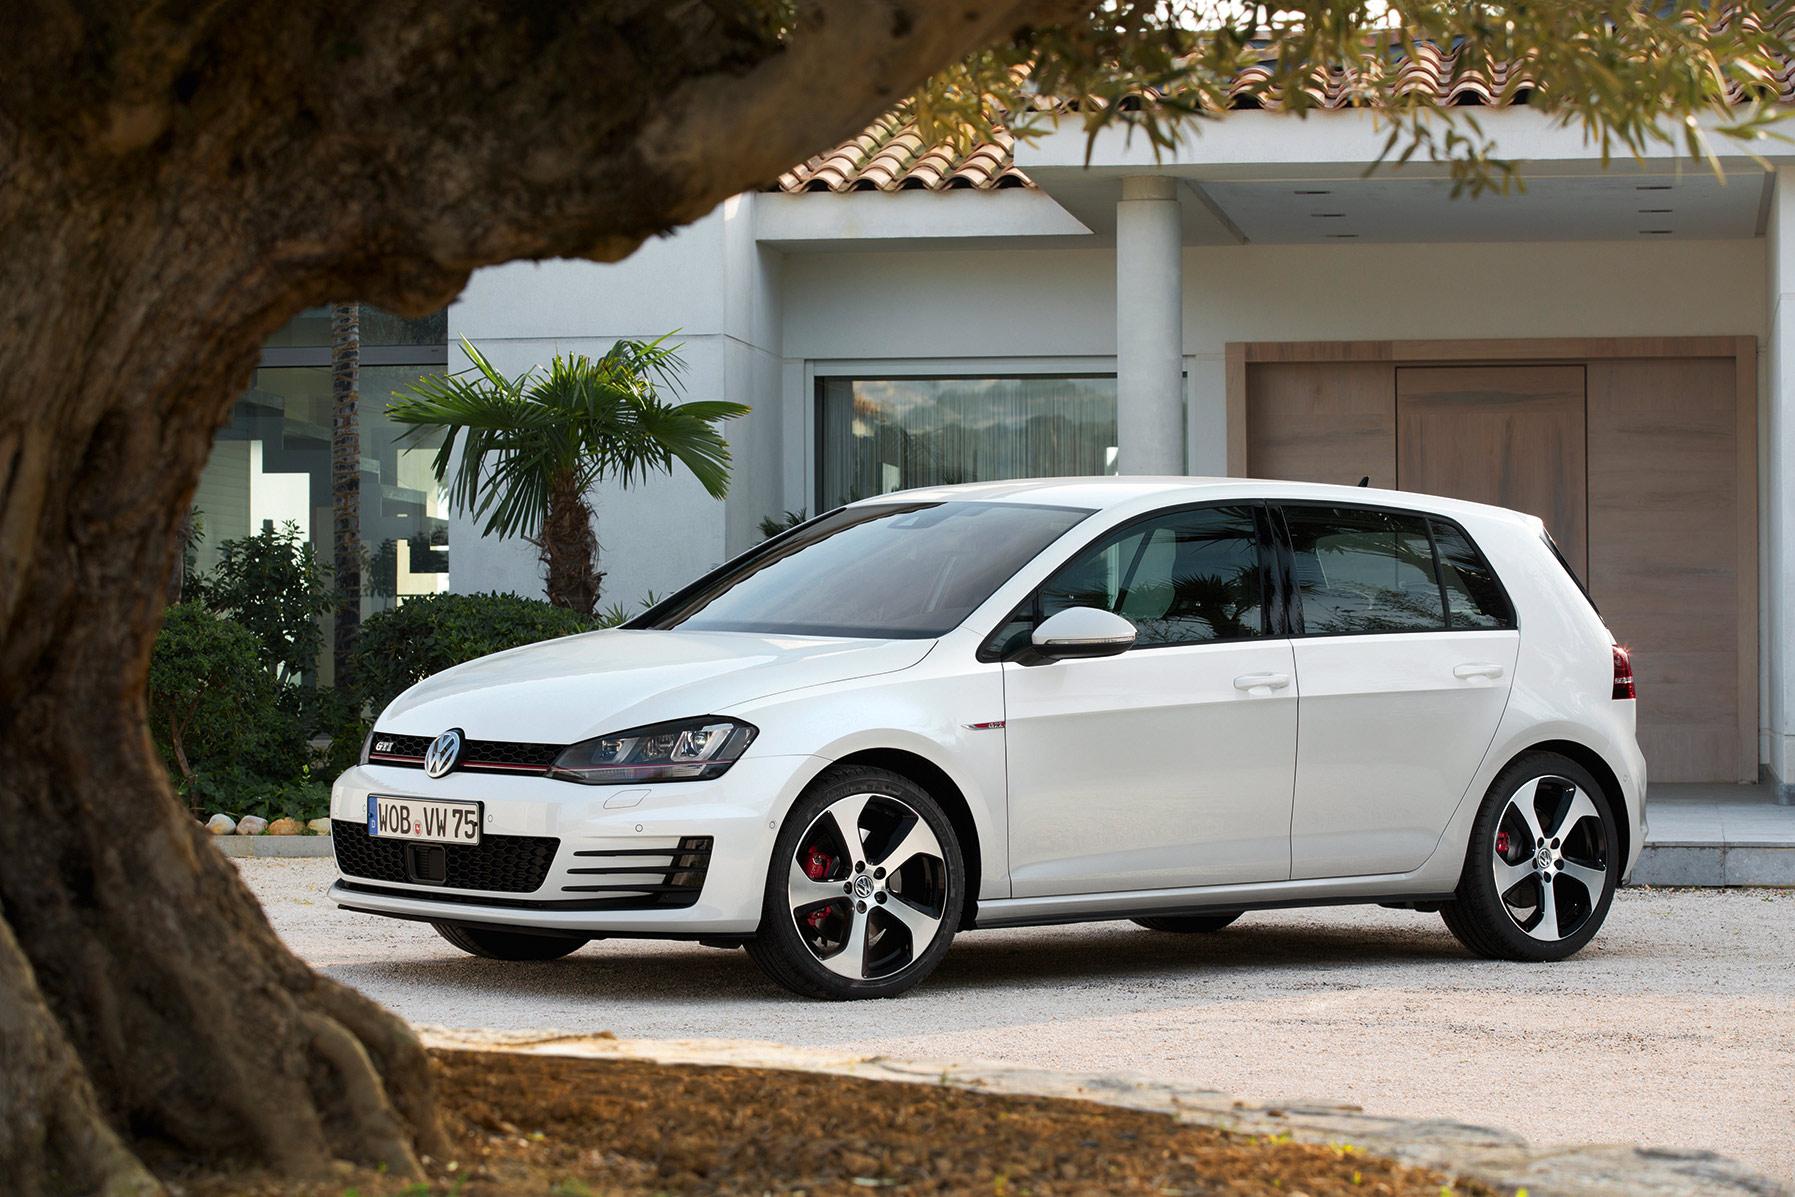 Audi Sales Event >> New Audi Q7 in Florett Silver Metallic at Audi Forum ...